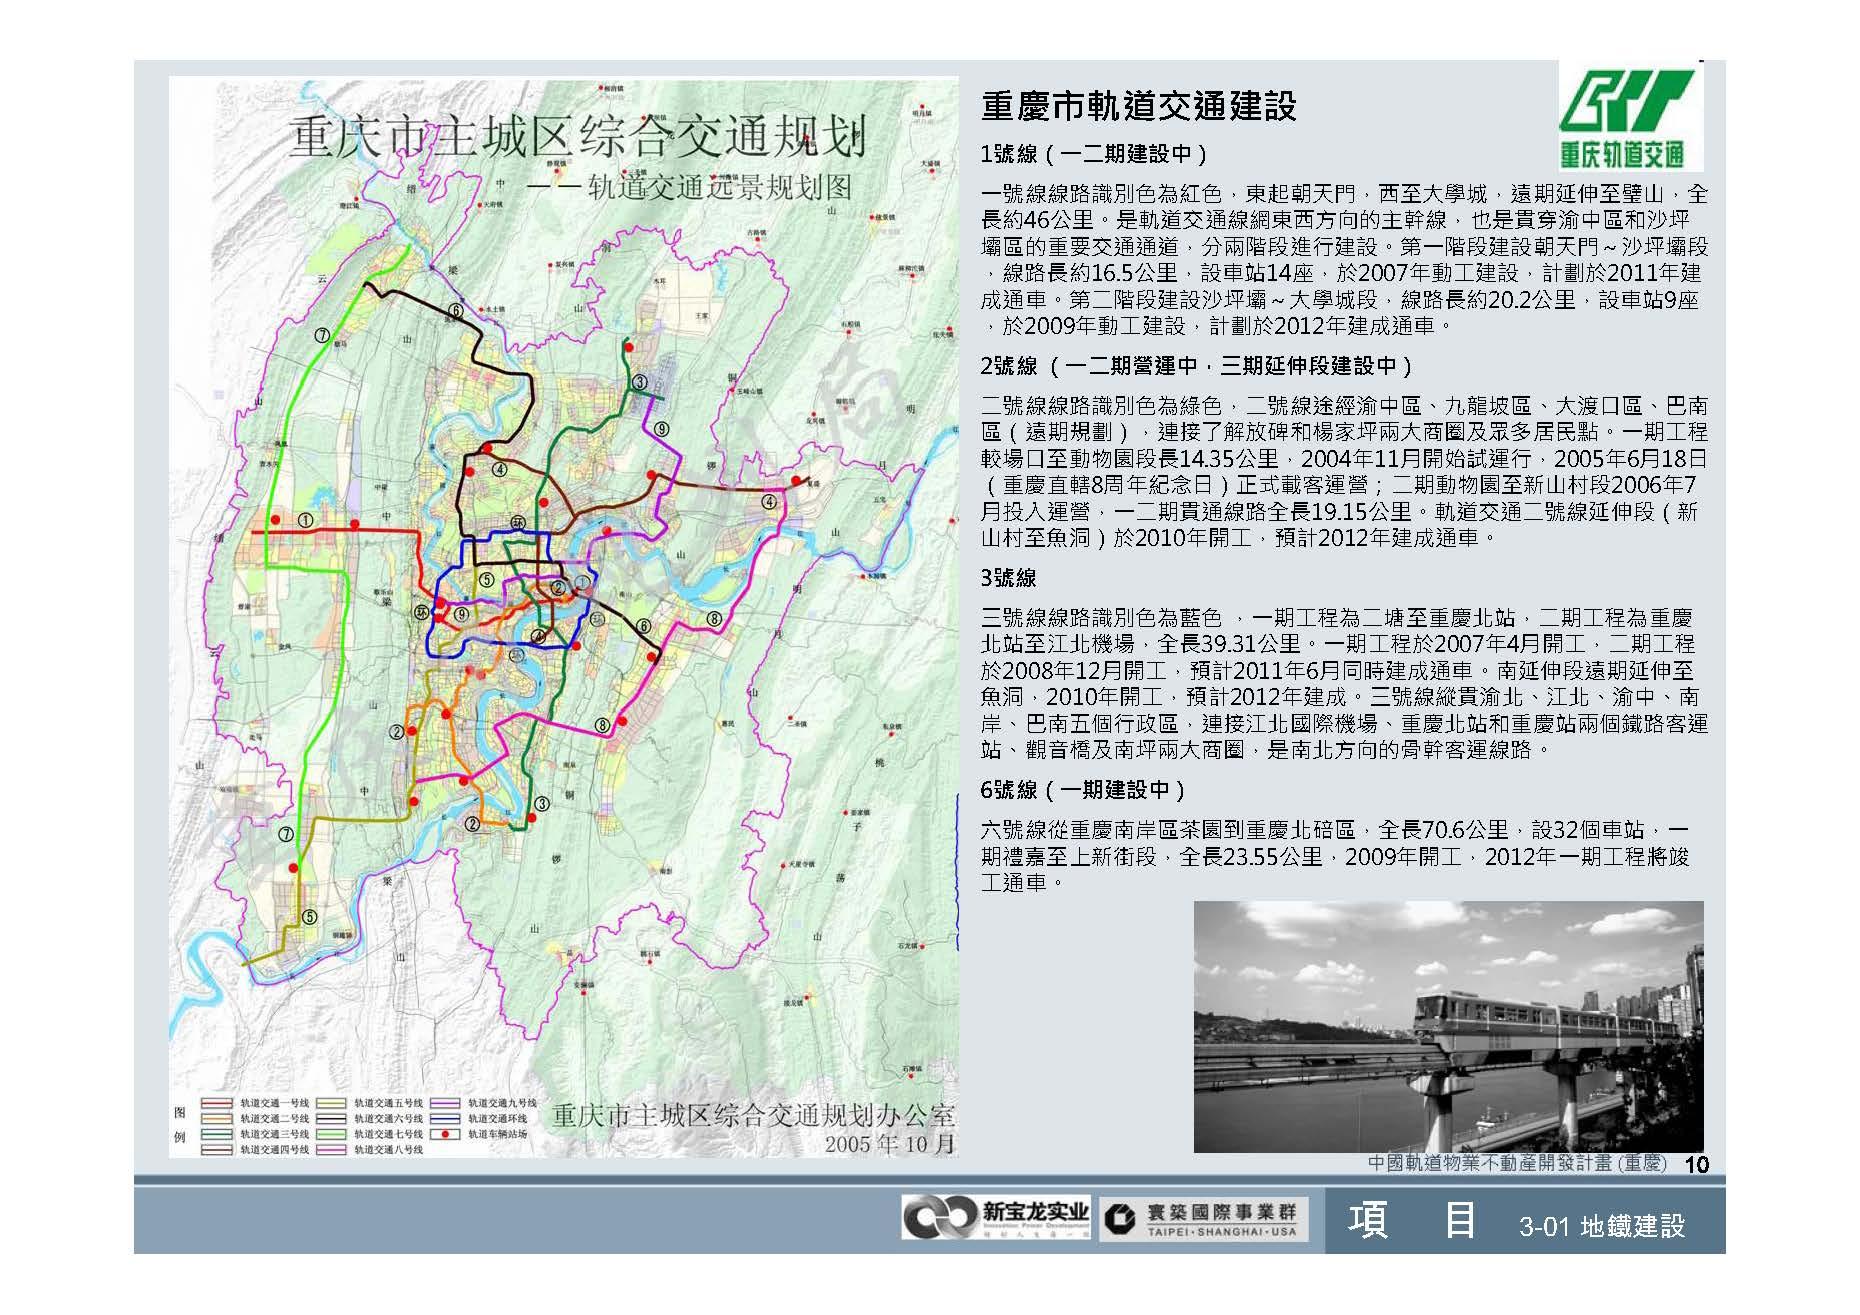 20100812-中國軌道物業不動產開發計畫(重慶)_頁面_11